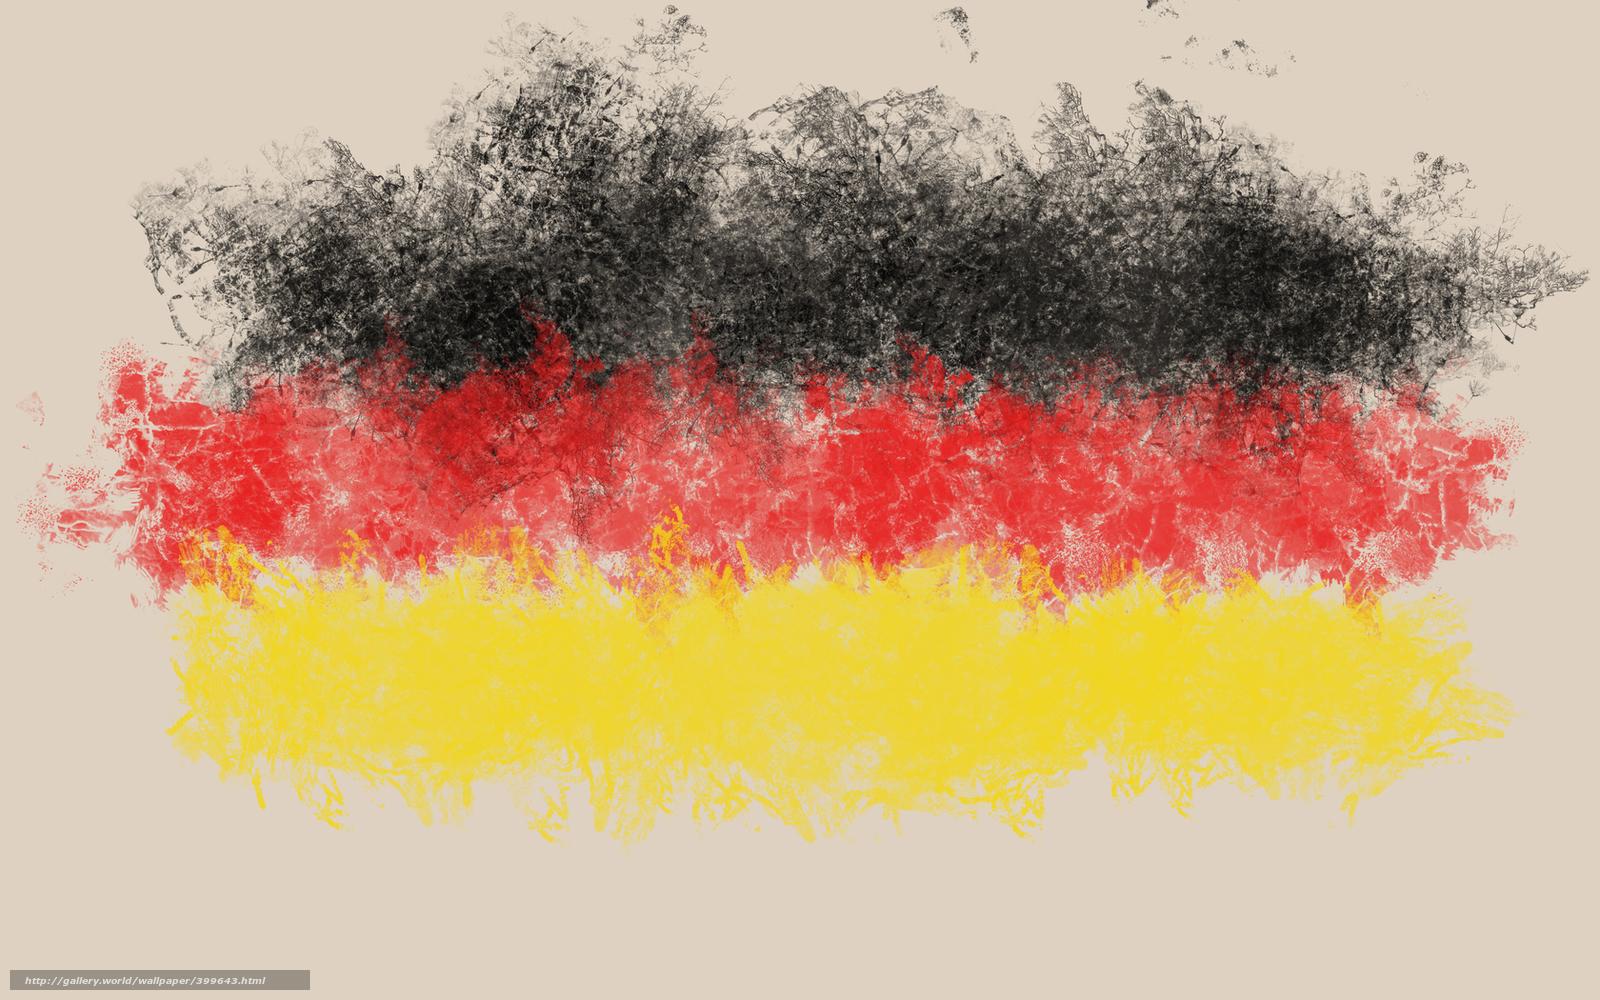 Tlcharger fond d ecran noir jaune rouge drapeau fonds d ecran